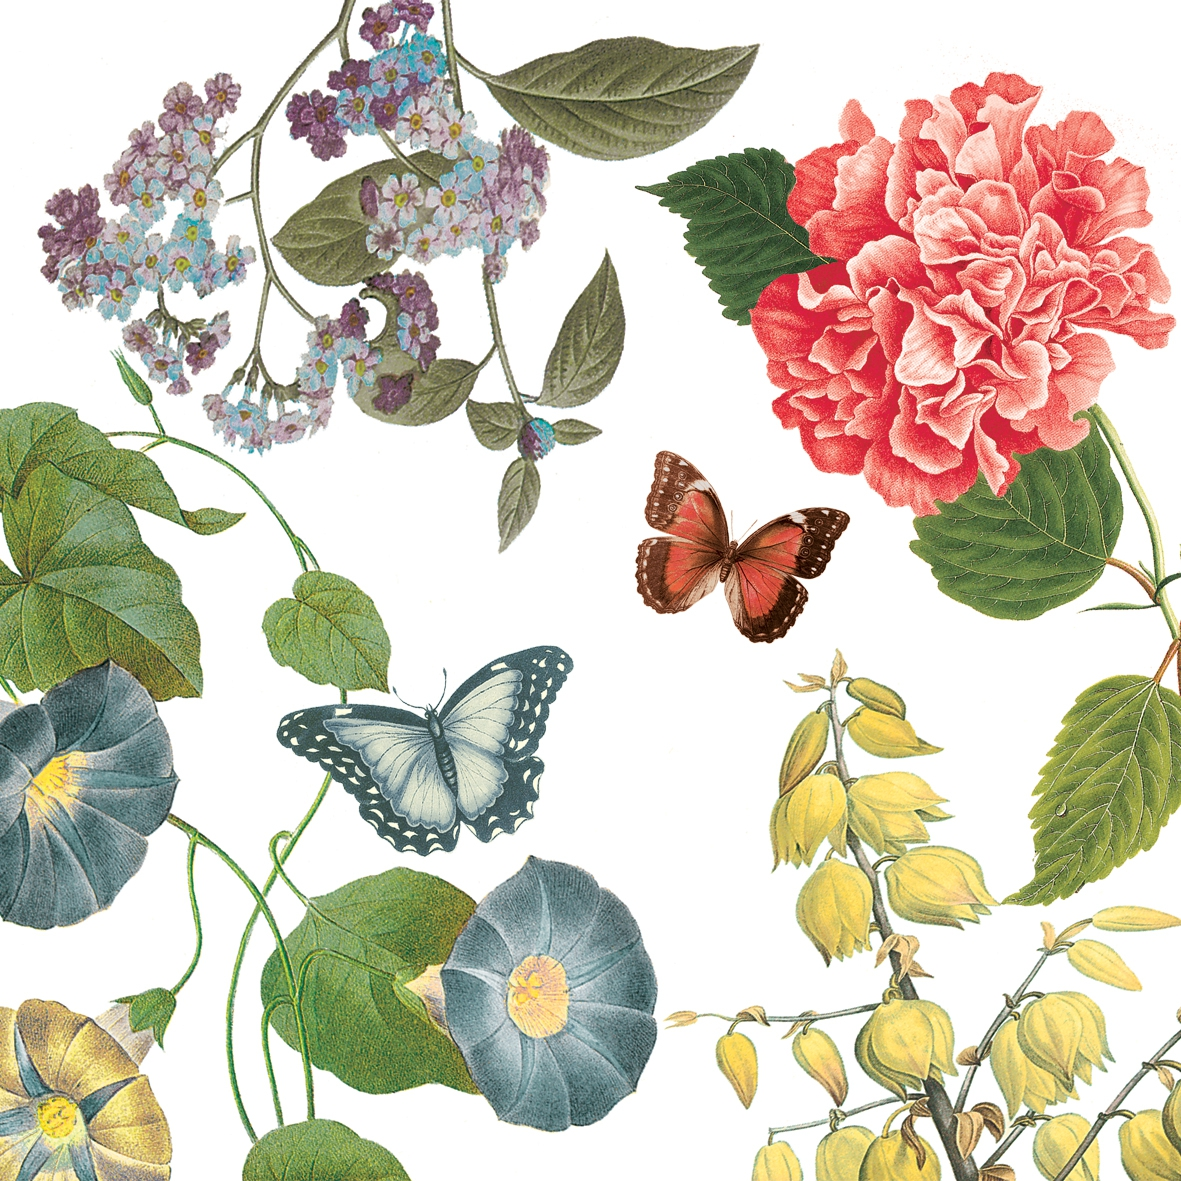 Lunch Servietten Victoria Garden,  Blumen -  Sonstige,  Pflanzen -  Sonstige,  Tiere - Schmetterlinge,  Everyday,  lunchservietten,  Blumen,  Schmetterlinge,  Pflanzen